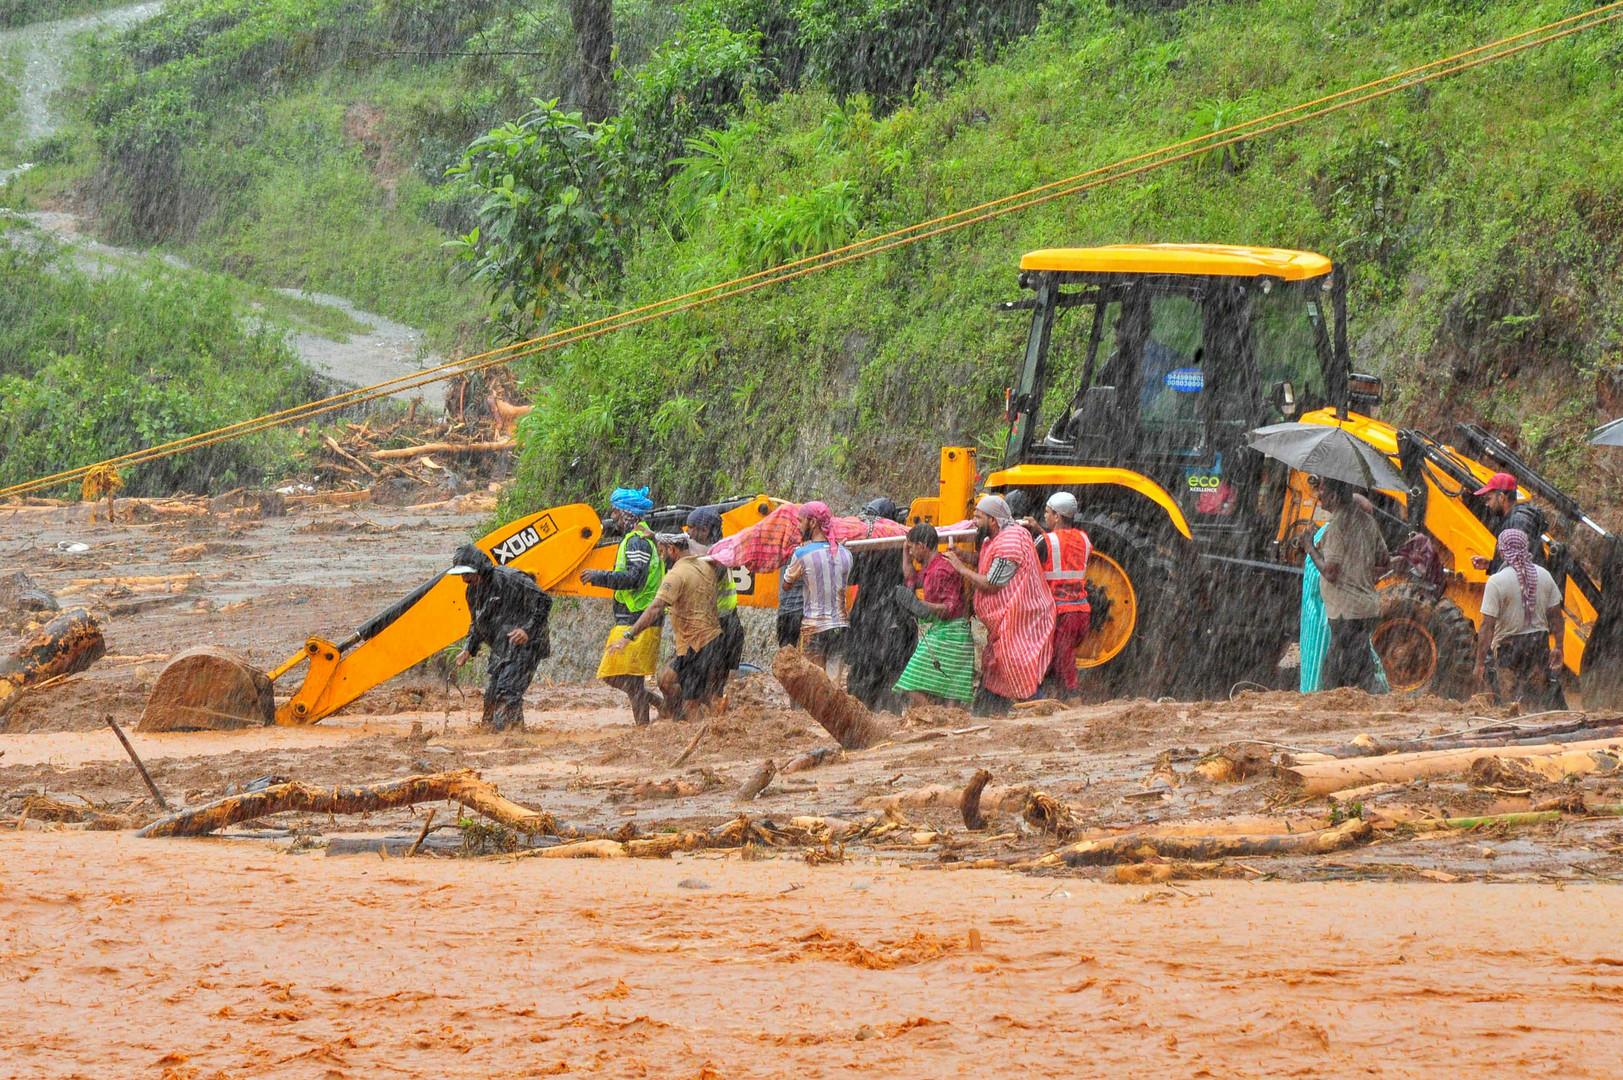 منقذون يحملون جثة أحد ضحايا انزلاق طيني في ولاية كيرلا الهندية